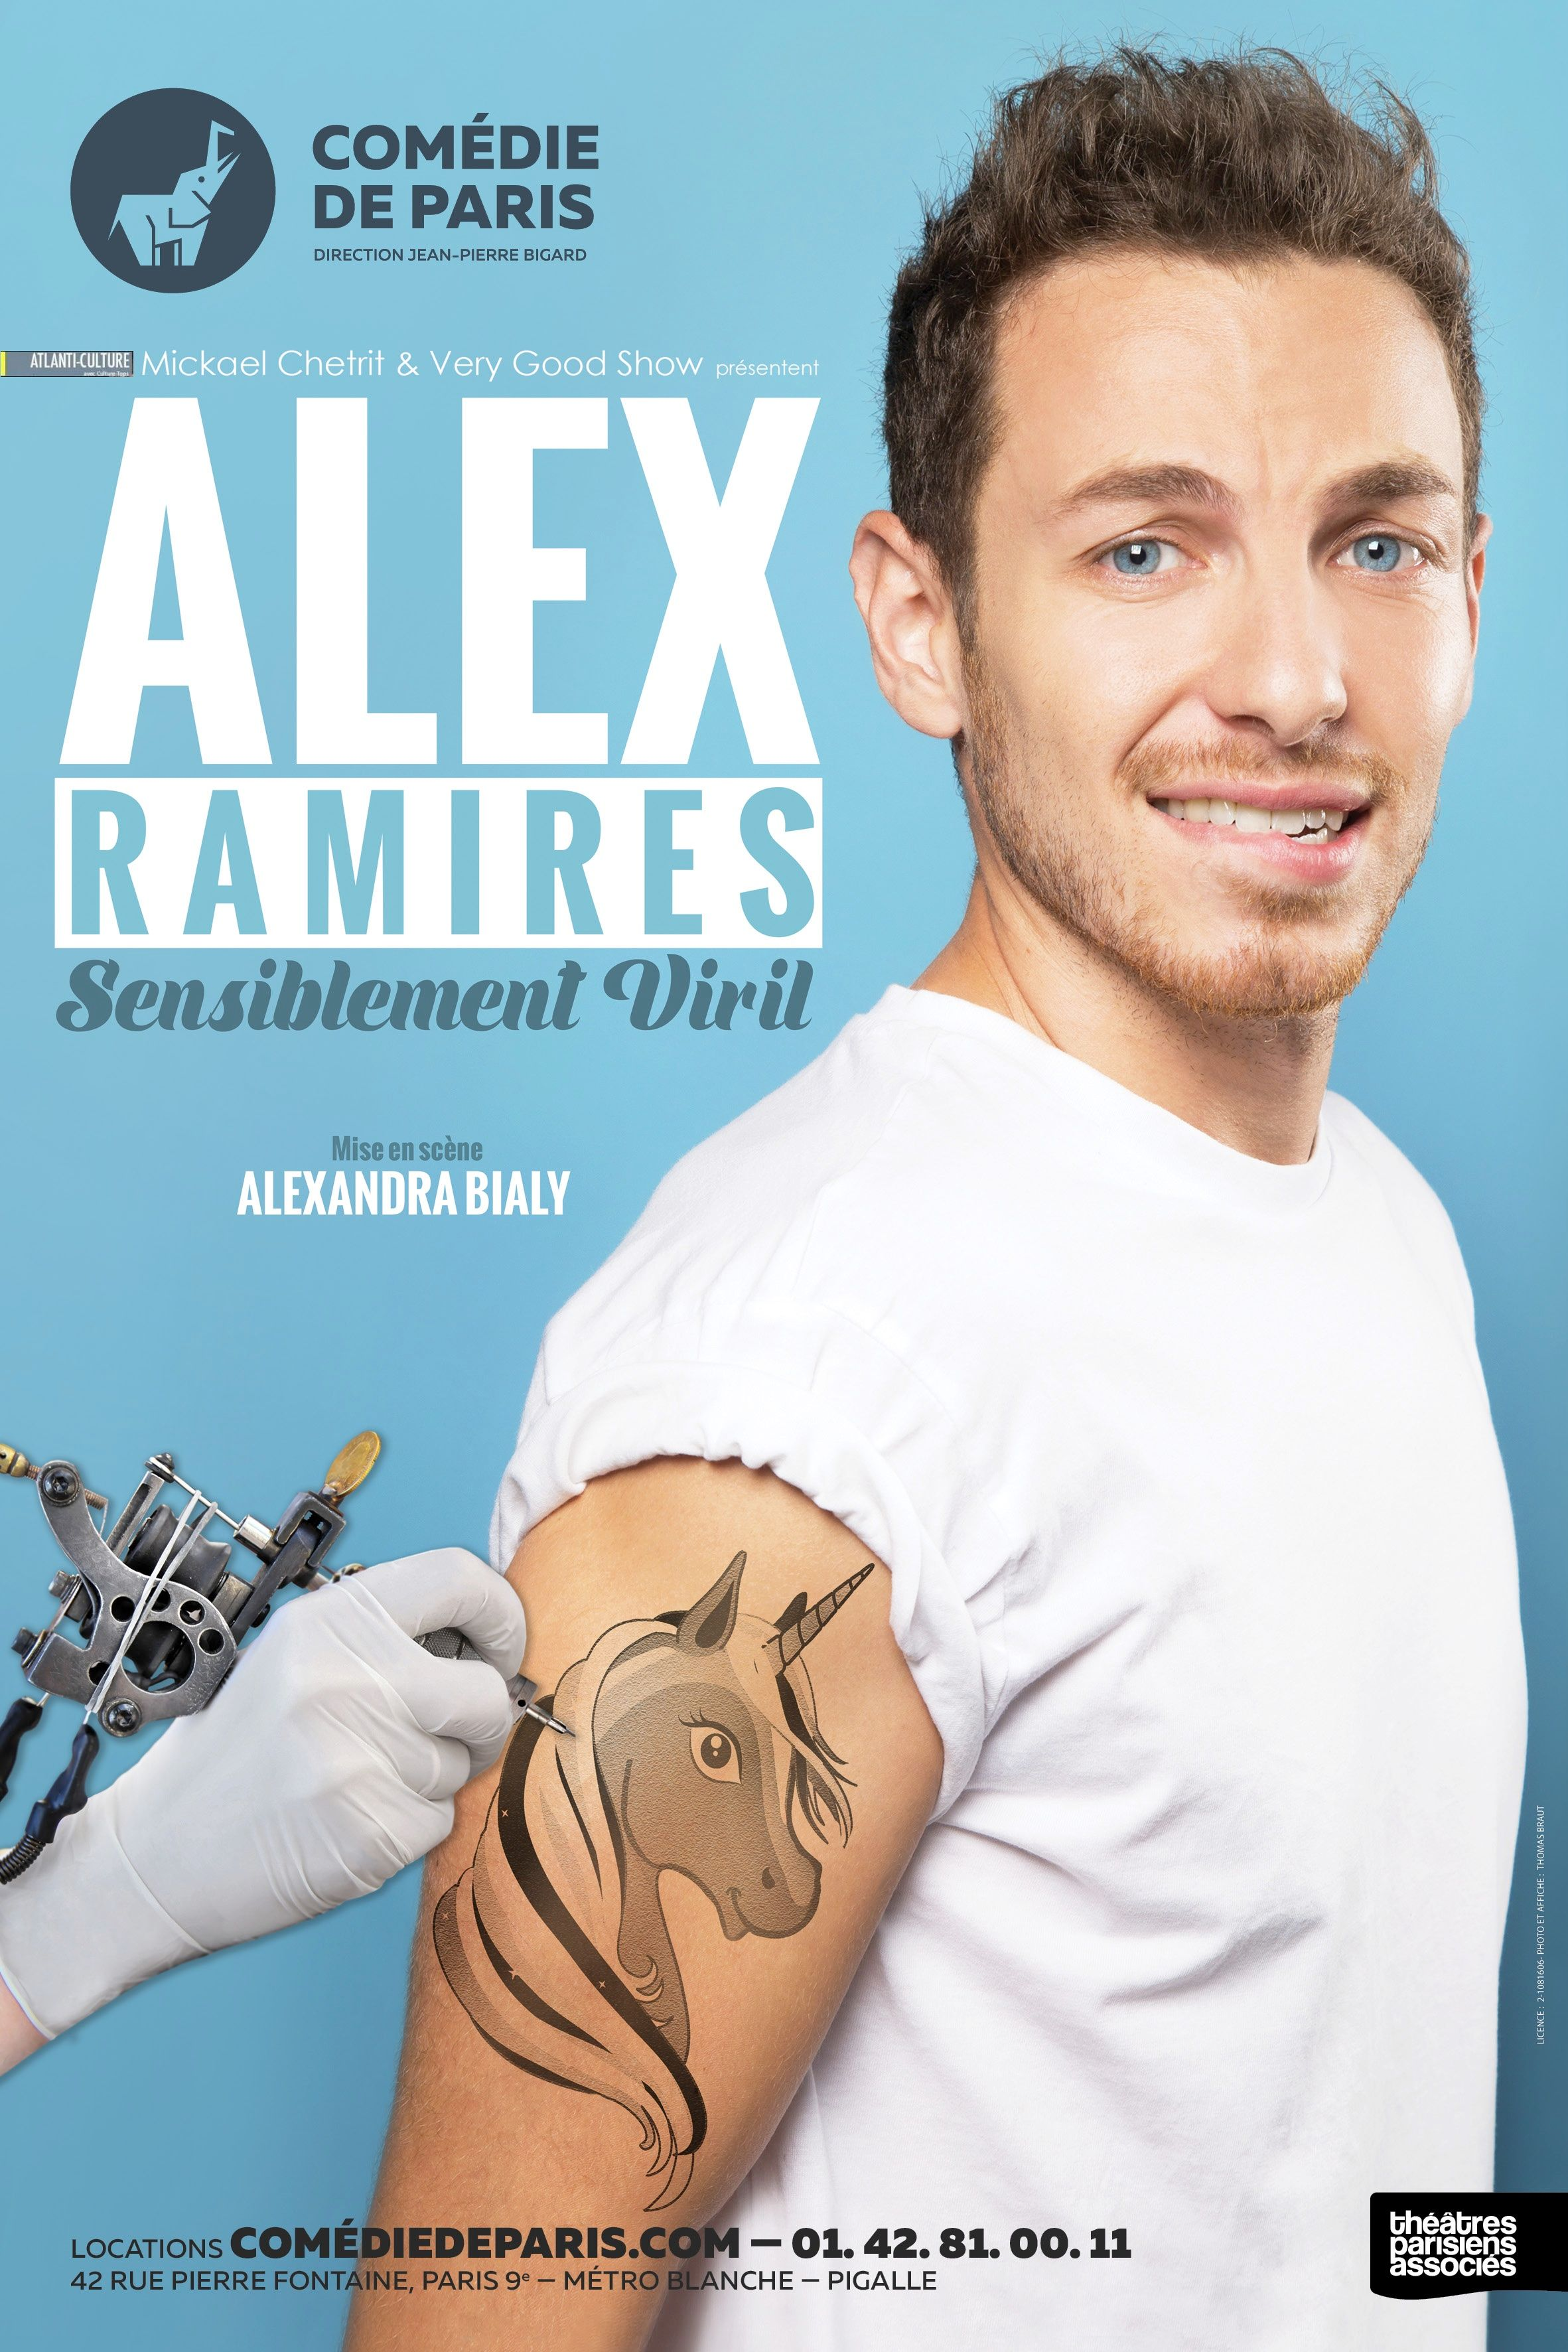 """Alex Ramires - """"Sensiblement Viril"""" : il est drôle, attachant, et n'a pas la grosse tête"""